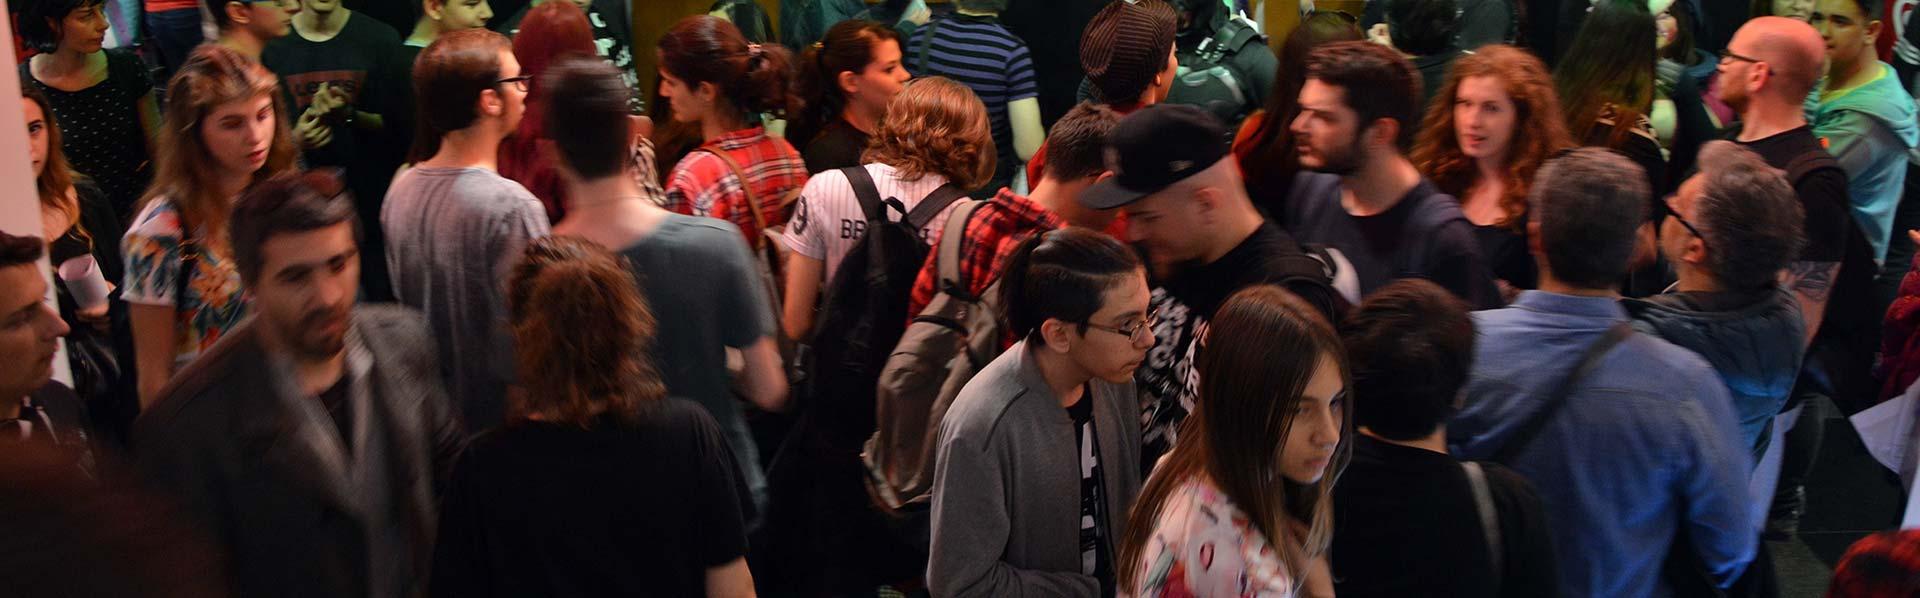 Comicdom Con Athens 2018 - Photo Extravaganza